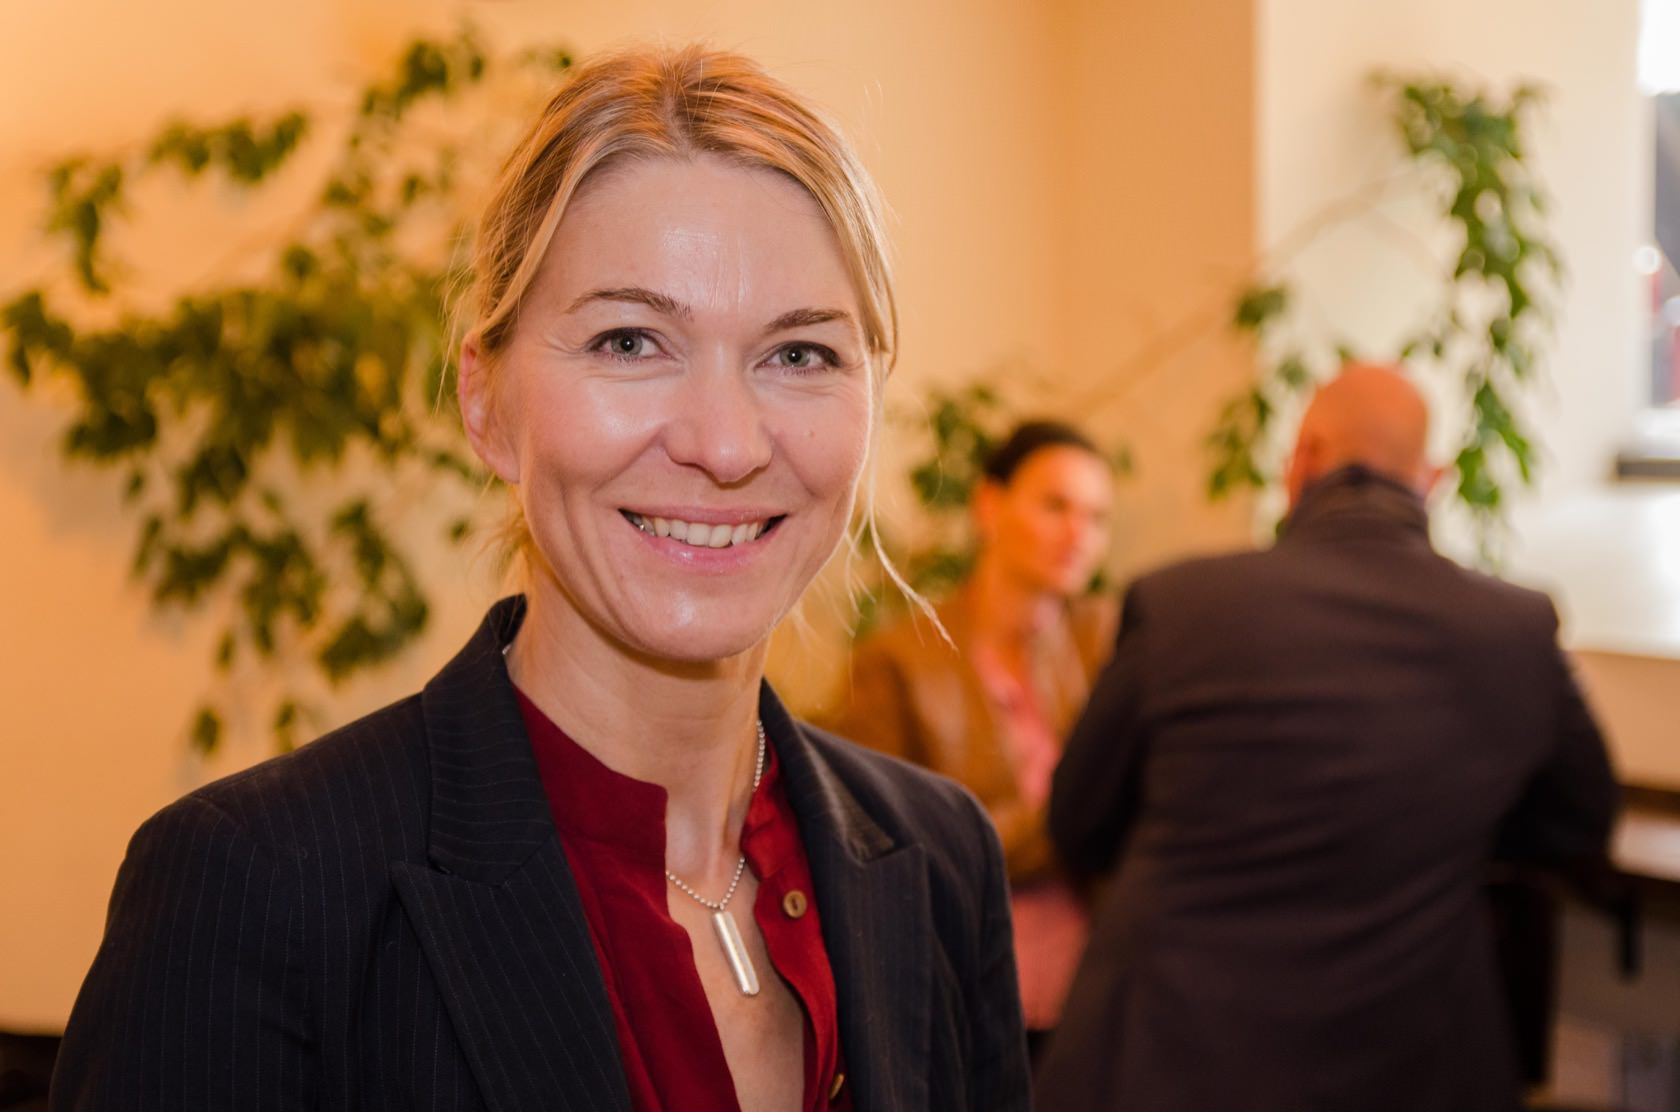 Der Vortrag von Heike Brandt kam bei den Zuhörern sehr gut an.